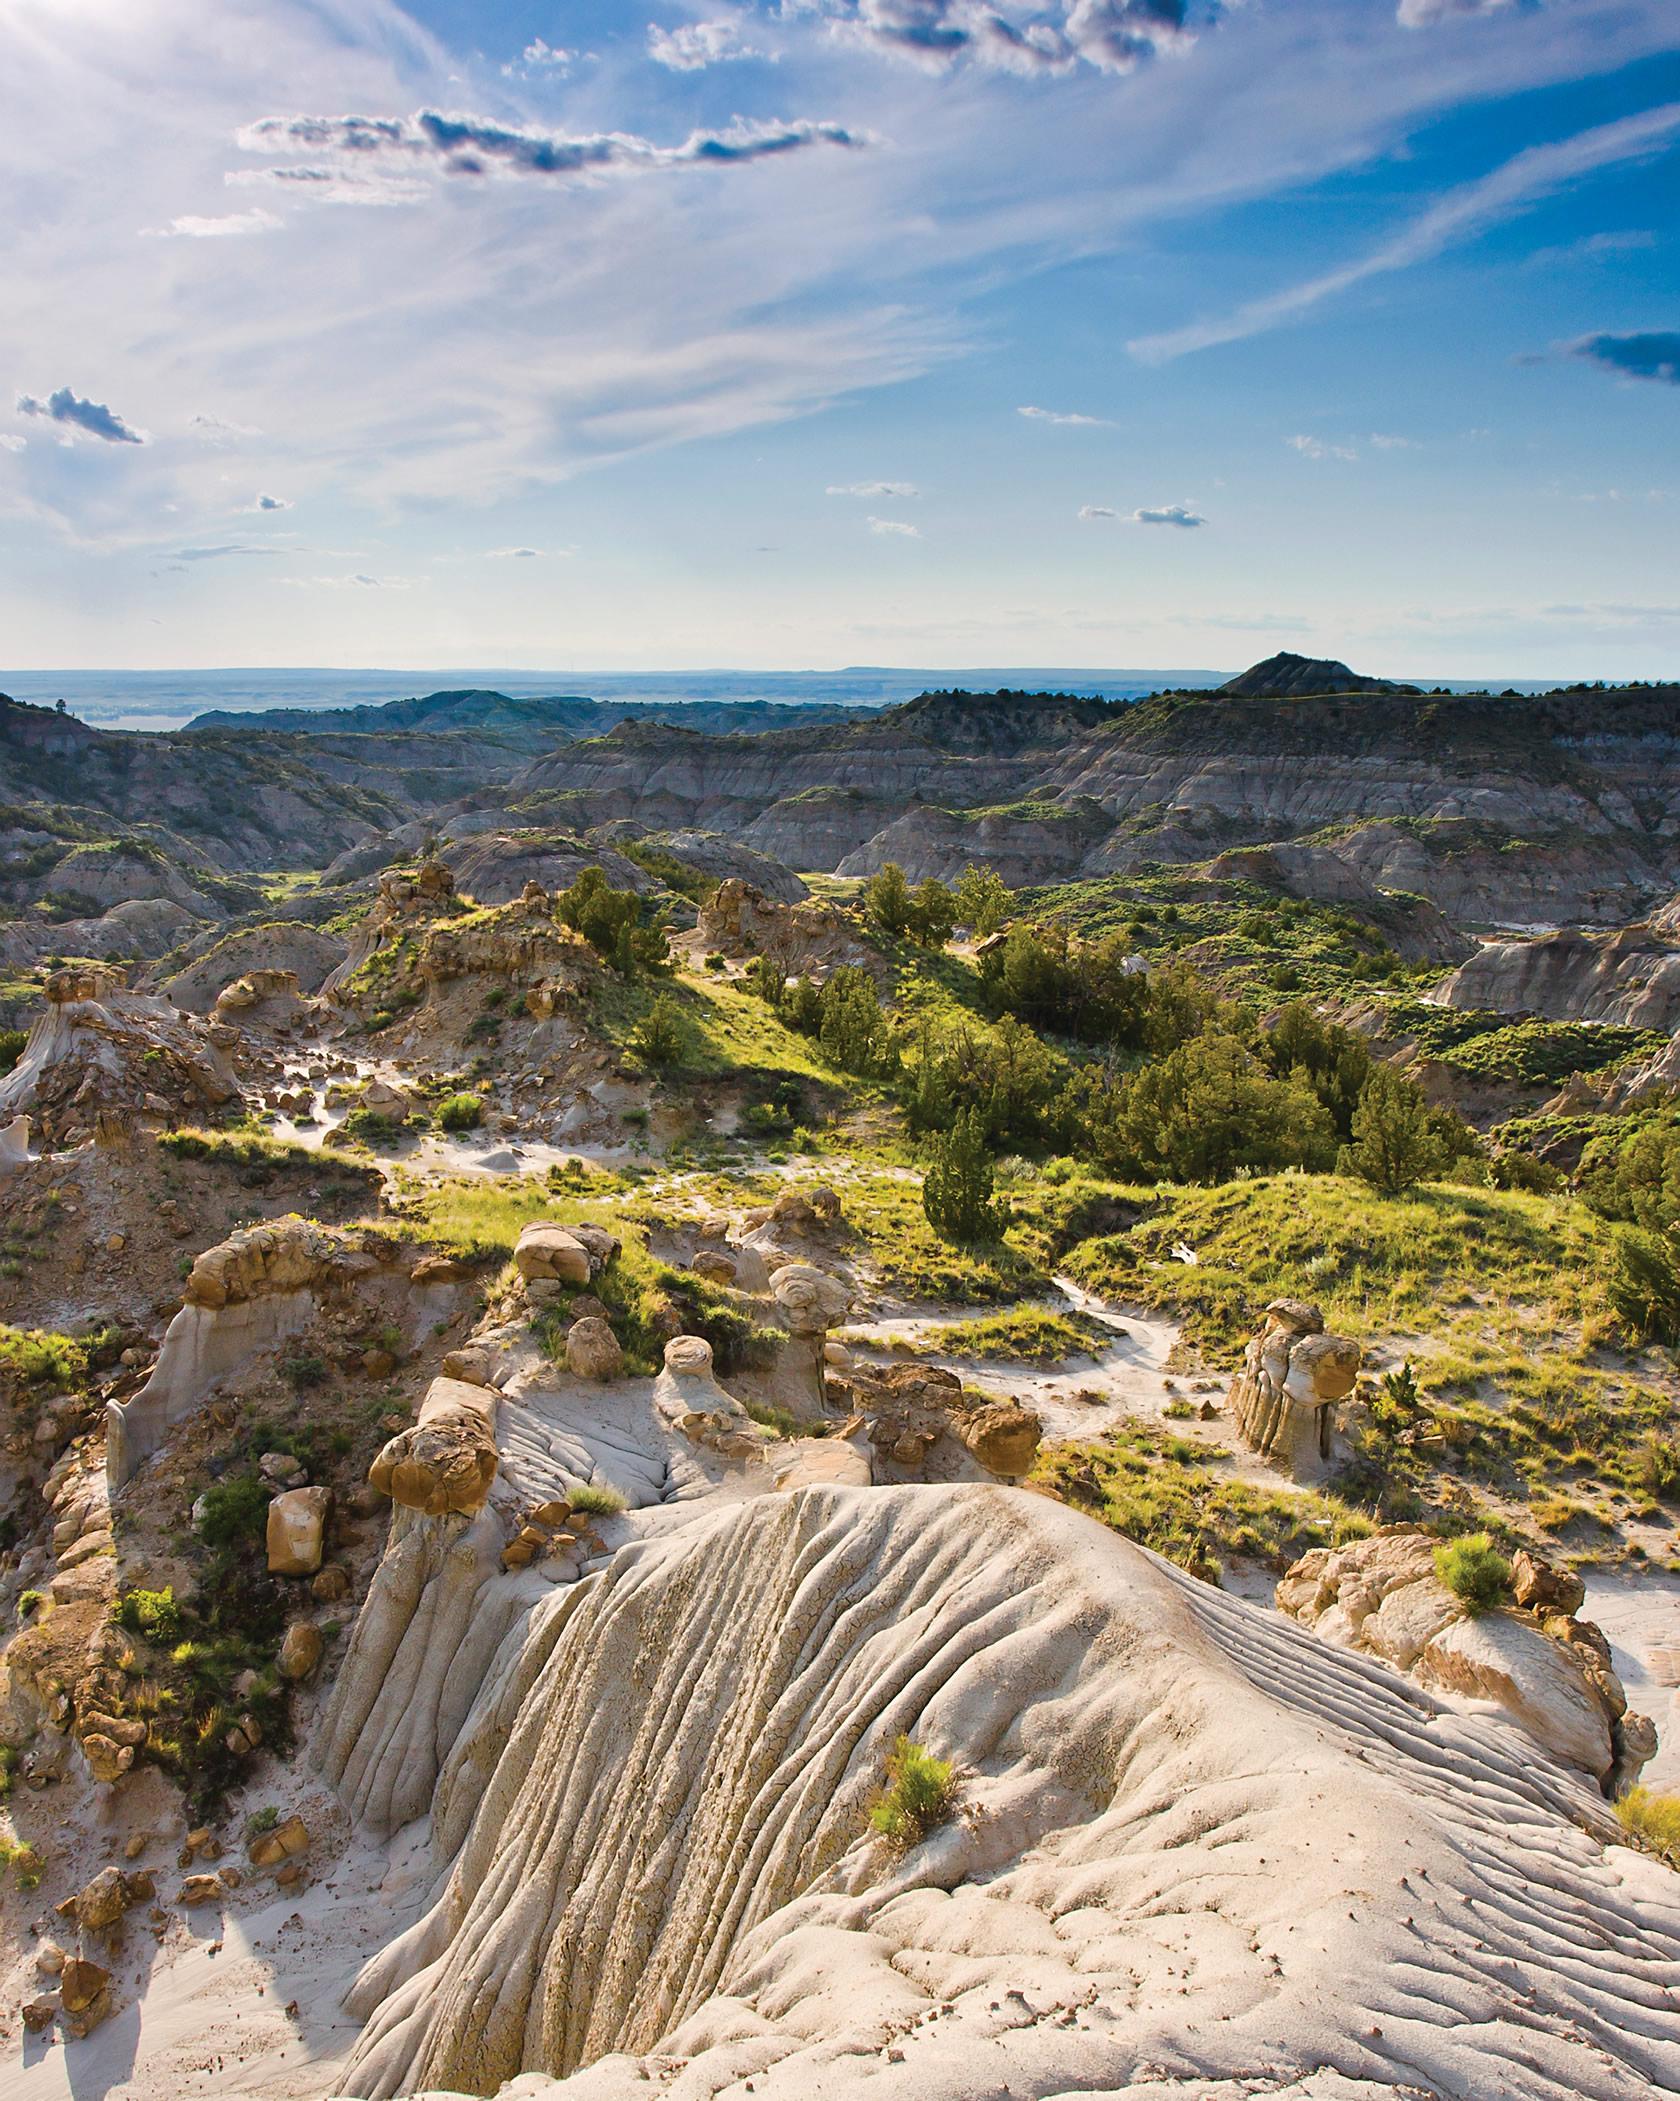 Bezpłatny przewodnik po Montanie (USA) i mapy parków narodowych Yellowstone i Glacier